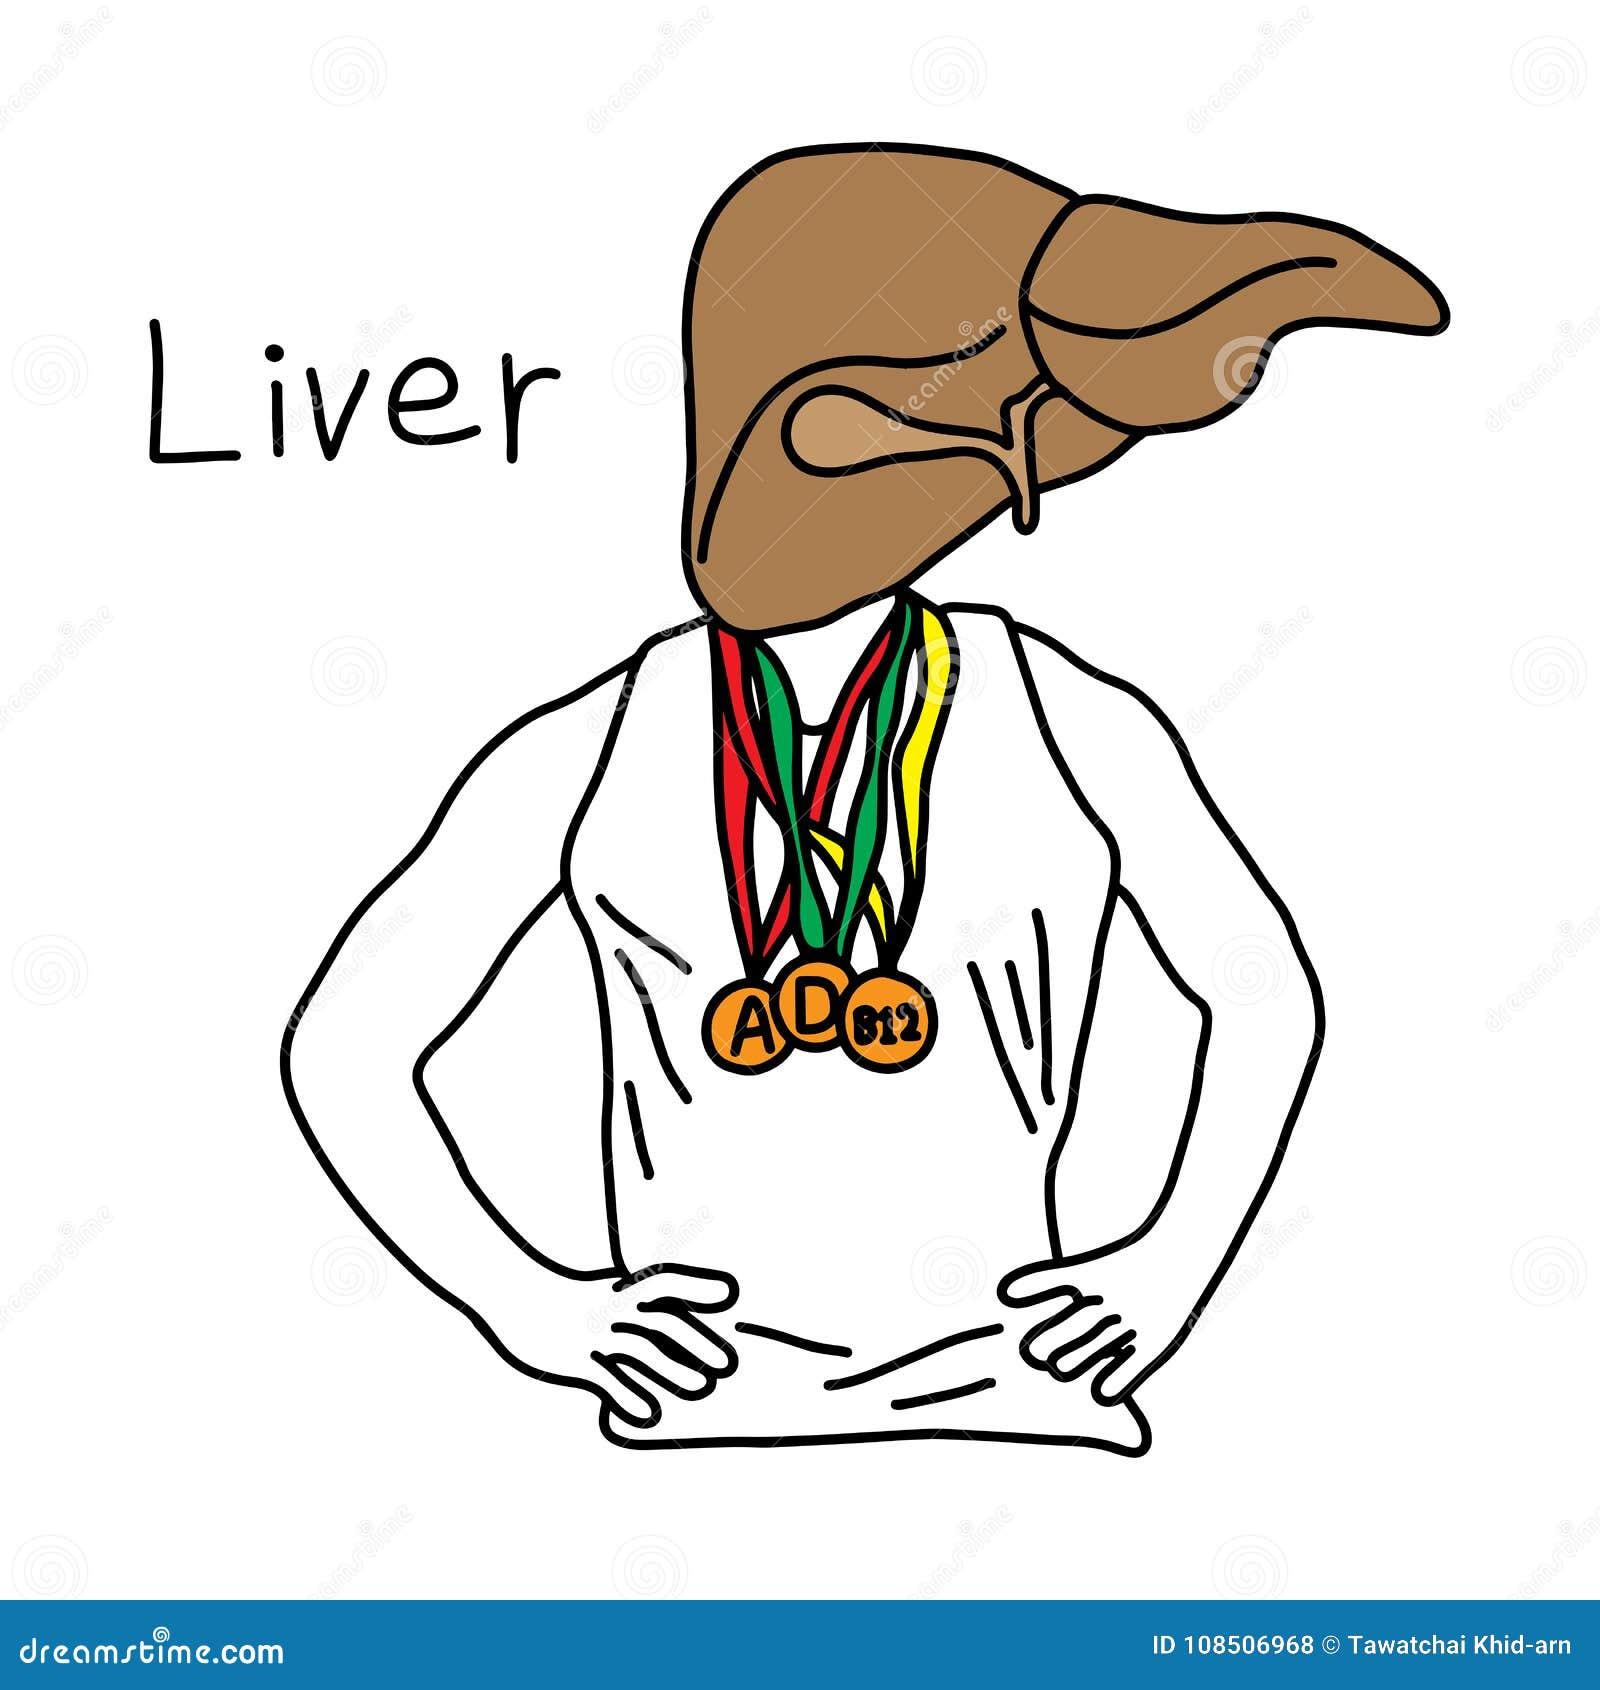 肝脏的隐喻作用对肝脏商店维生素A、D和B12的